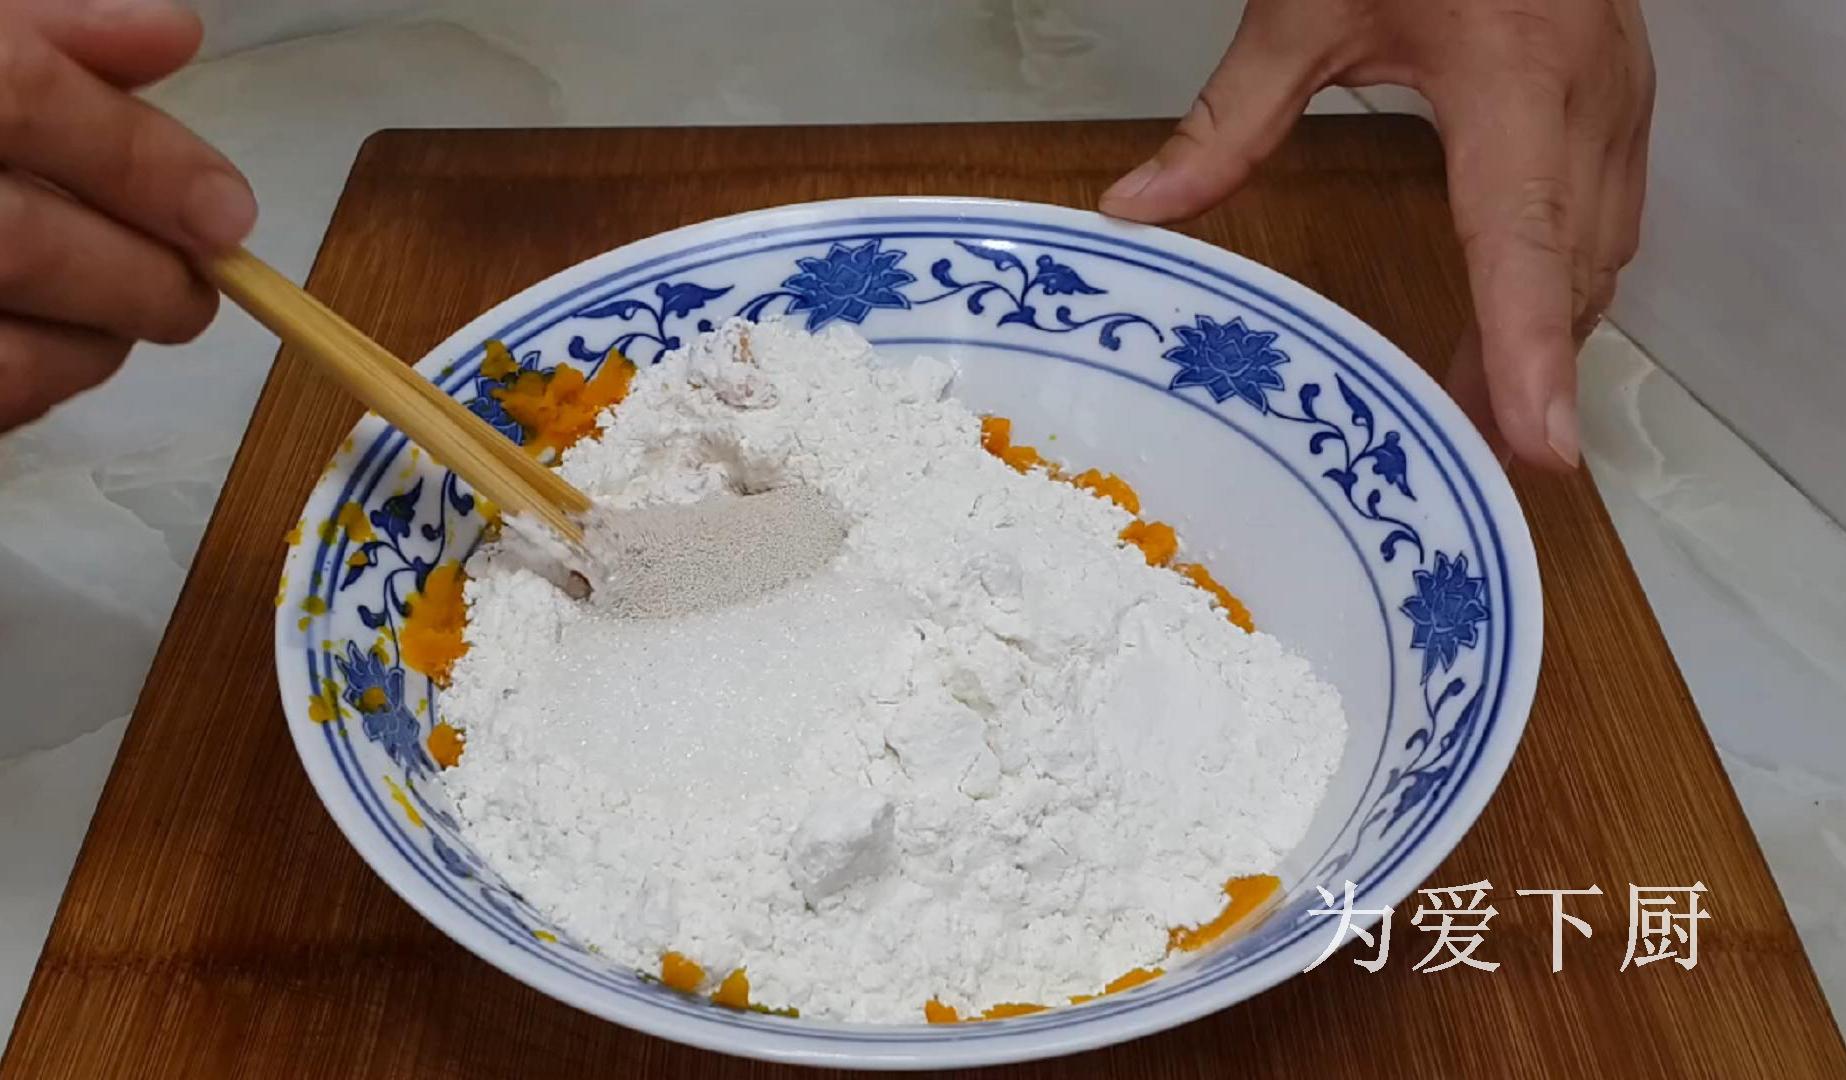 面粉别炸油条了,加半个南瓜,个个金黄鼓大泡,比面包蛋糕还香